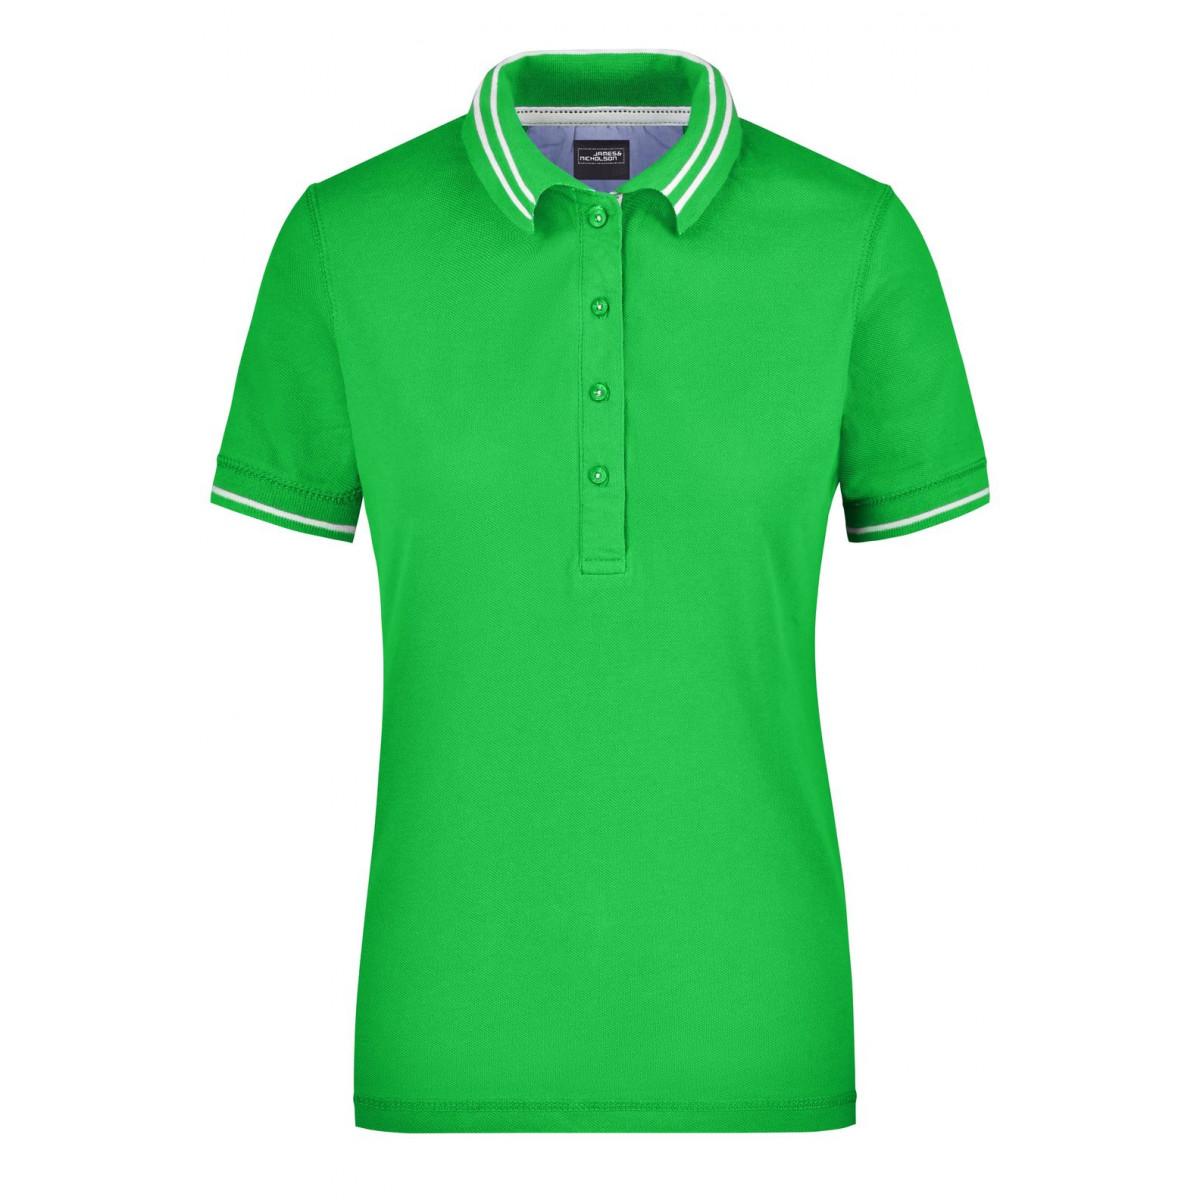 Рубашка поло женская JN946 Ladies Lifestyle Polo - Насыщенный зеленый/Белый